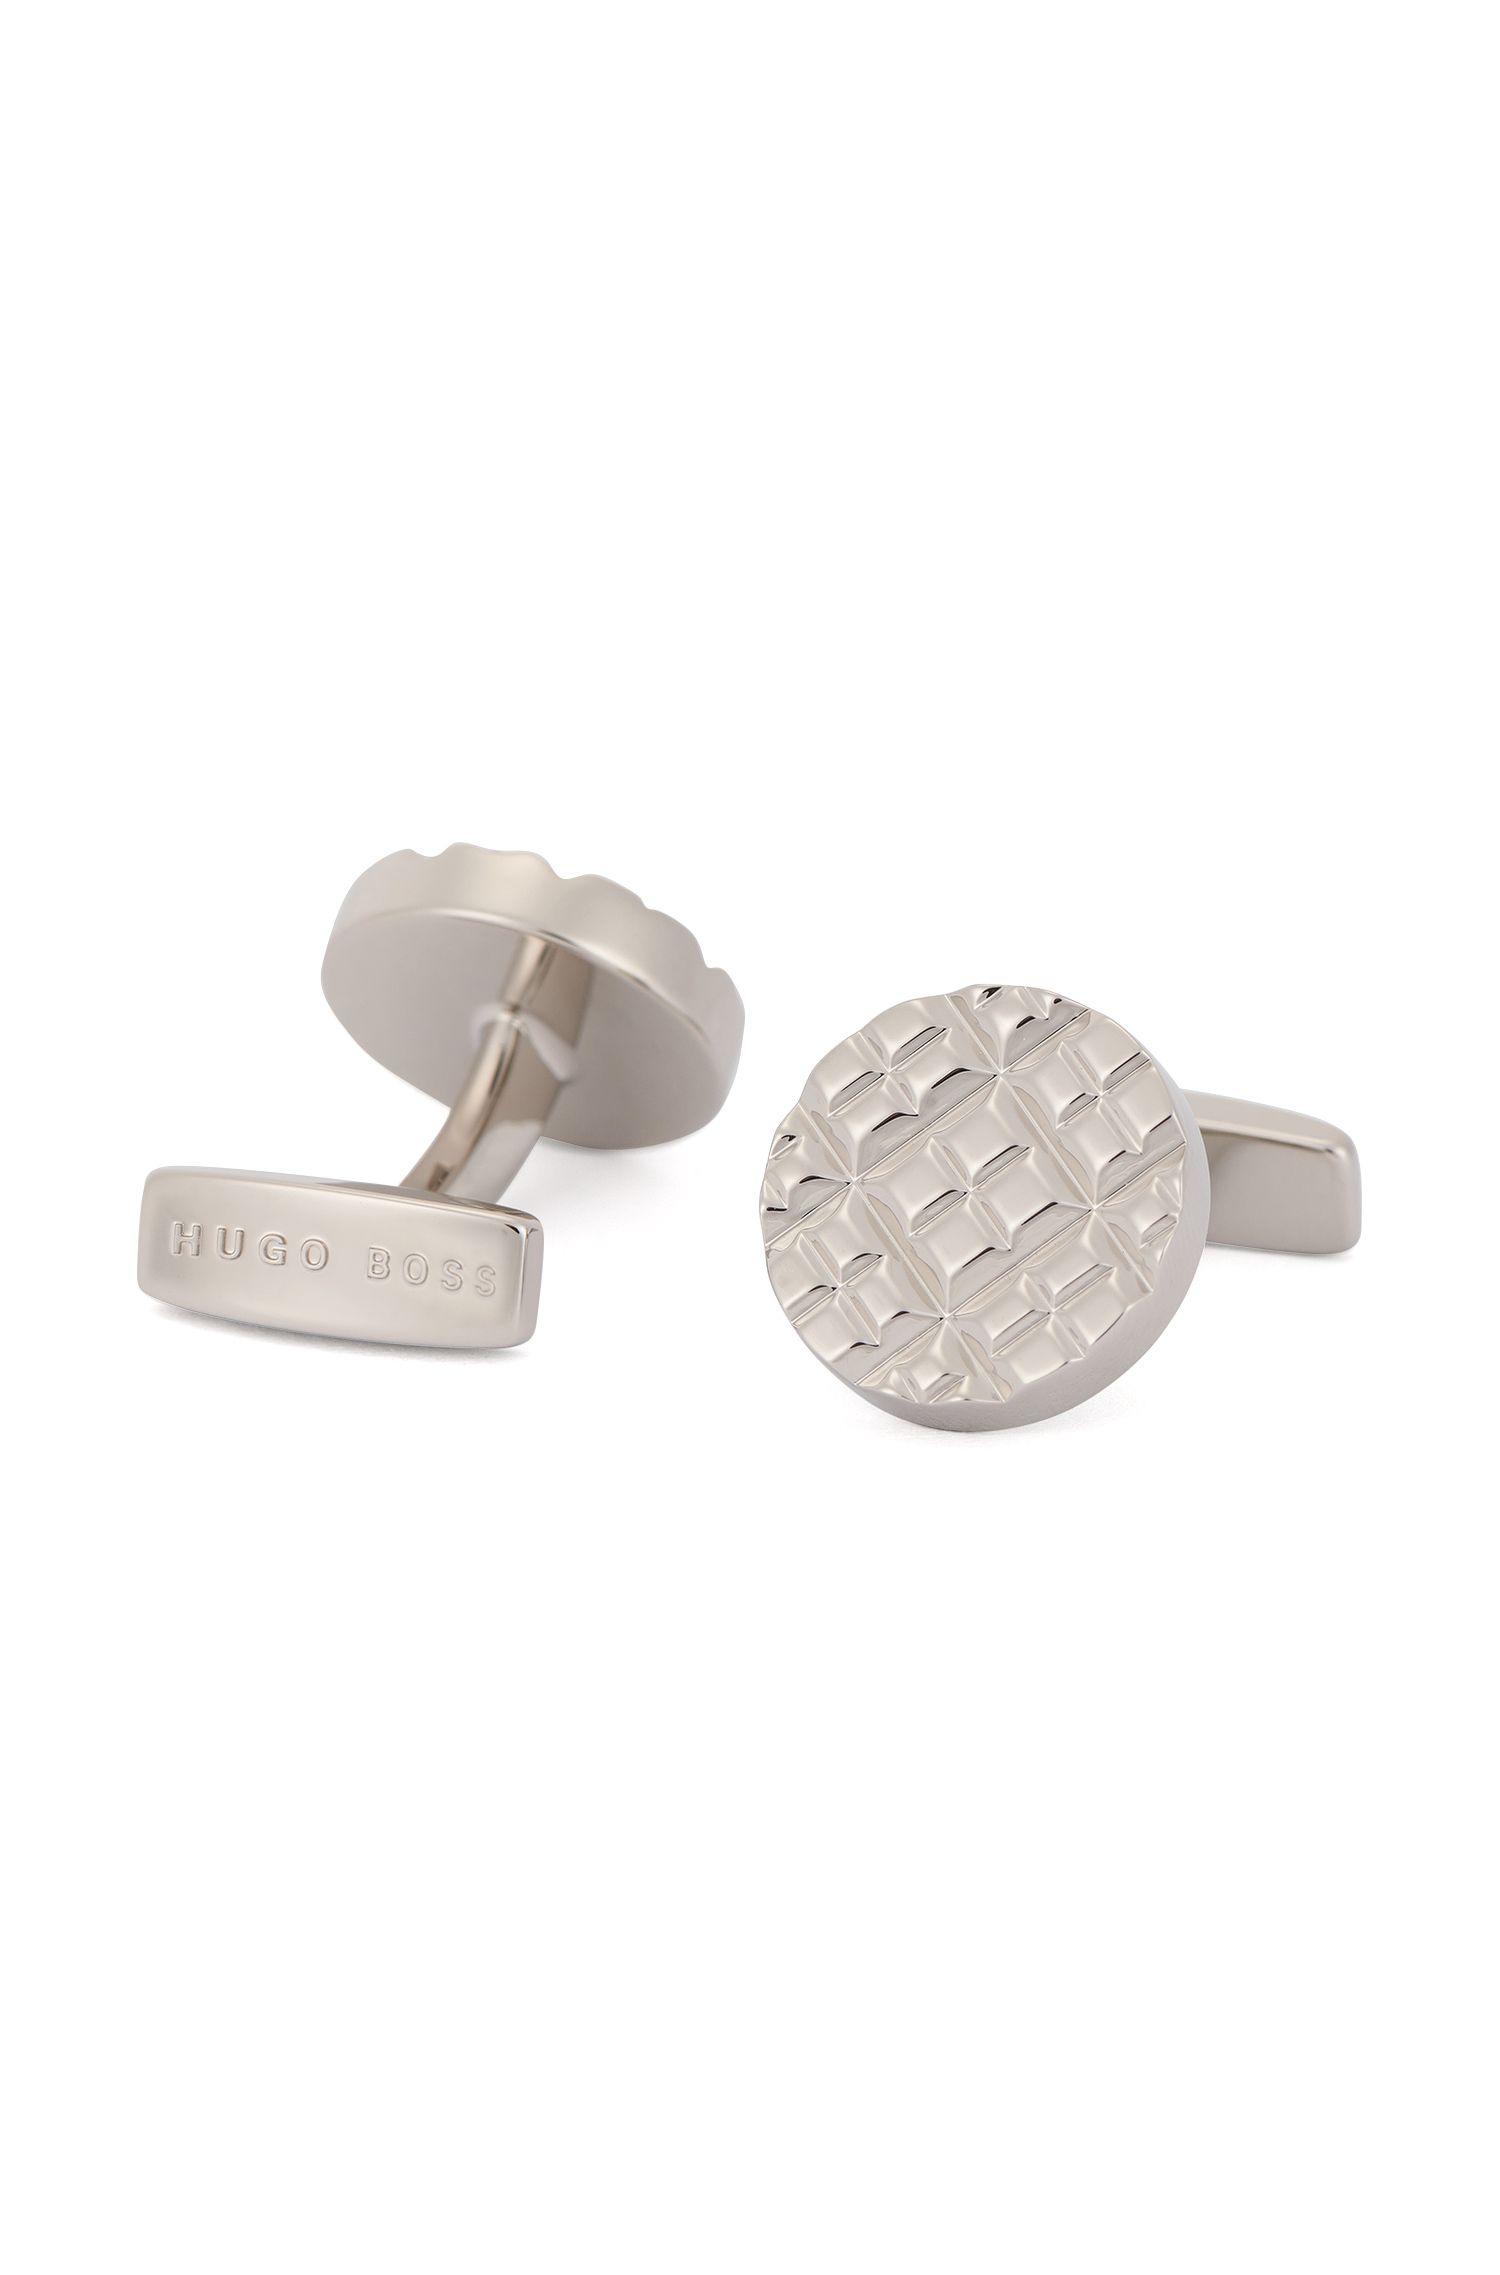 Round cufflinks in hand-polished brass